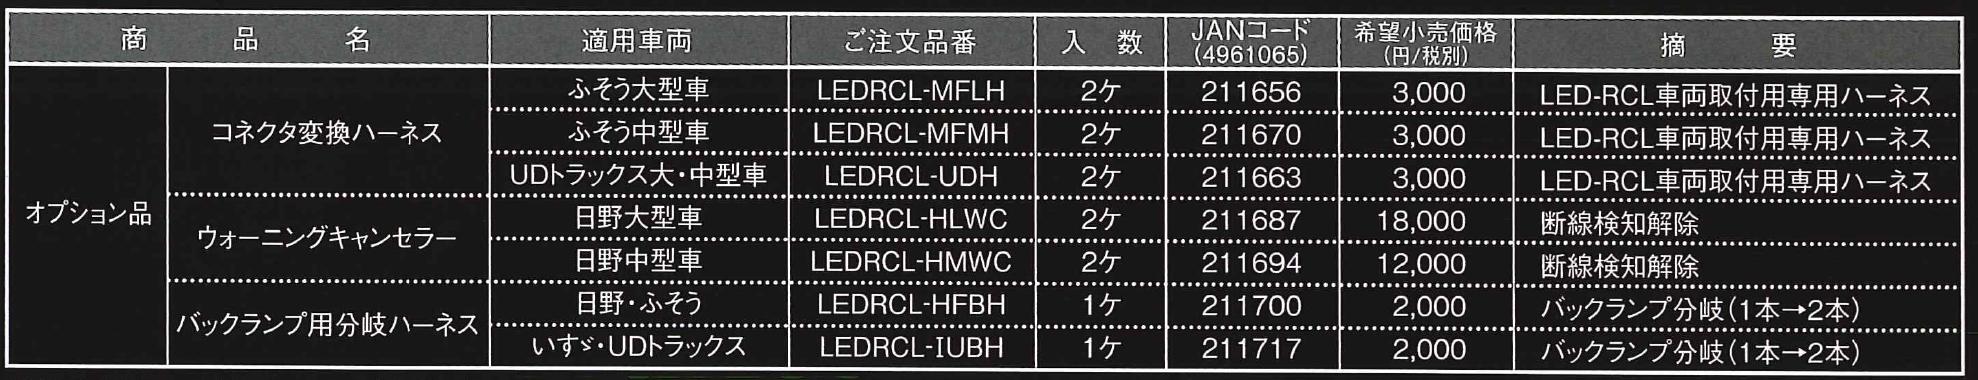 バックランプ用分岐ハーネス(いすゞ・UDトラックス)